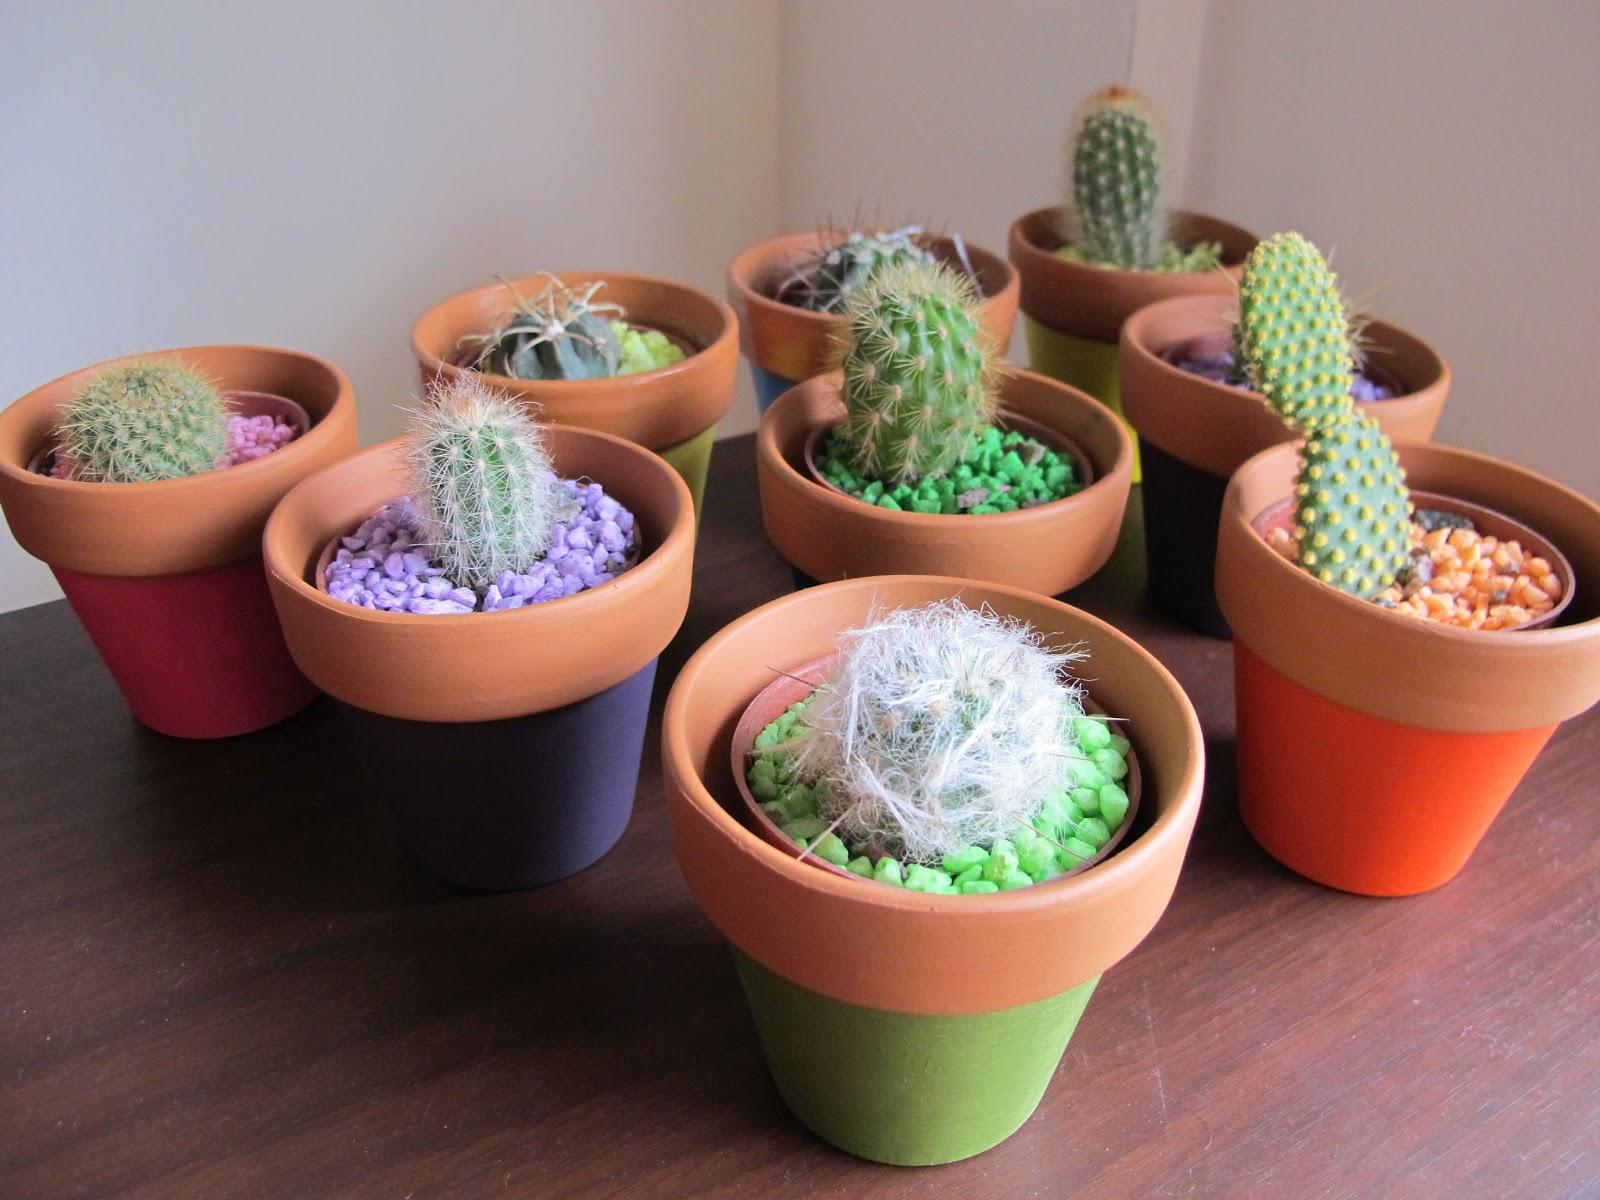 Aikan deco y jardin macetas mini cactus - Cactus en macetas pequenas ...